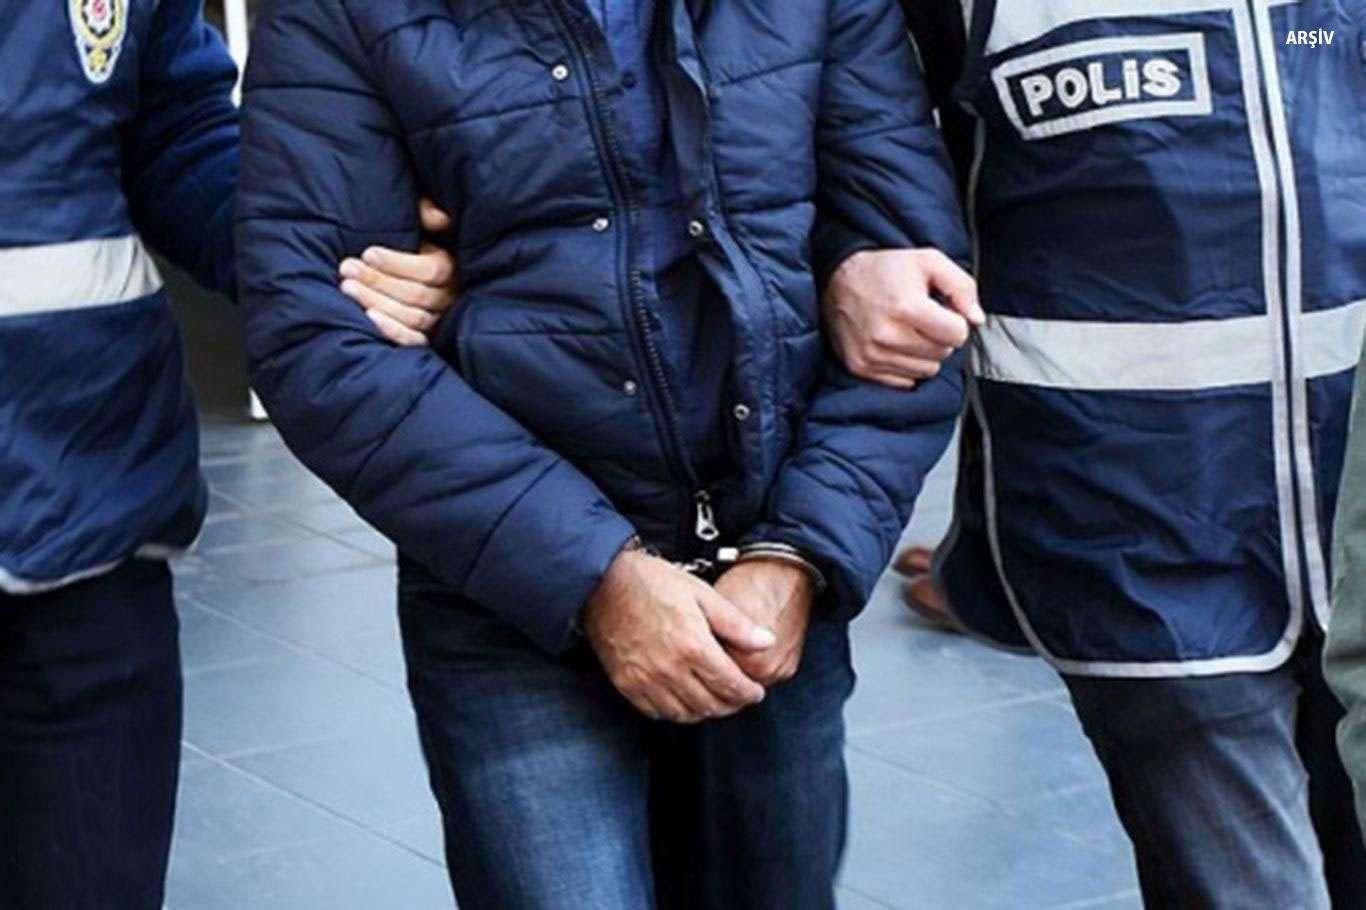 Diyarbakır merkezli 3 ilde sahte iş ilanı operasyonu: 6 kişi tutuklandı